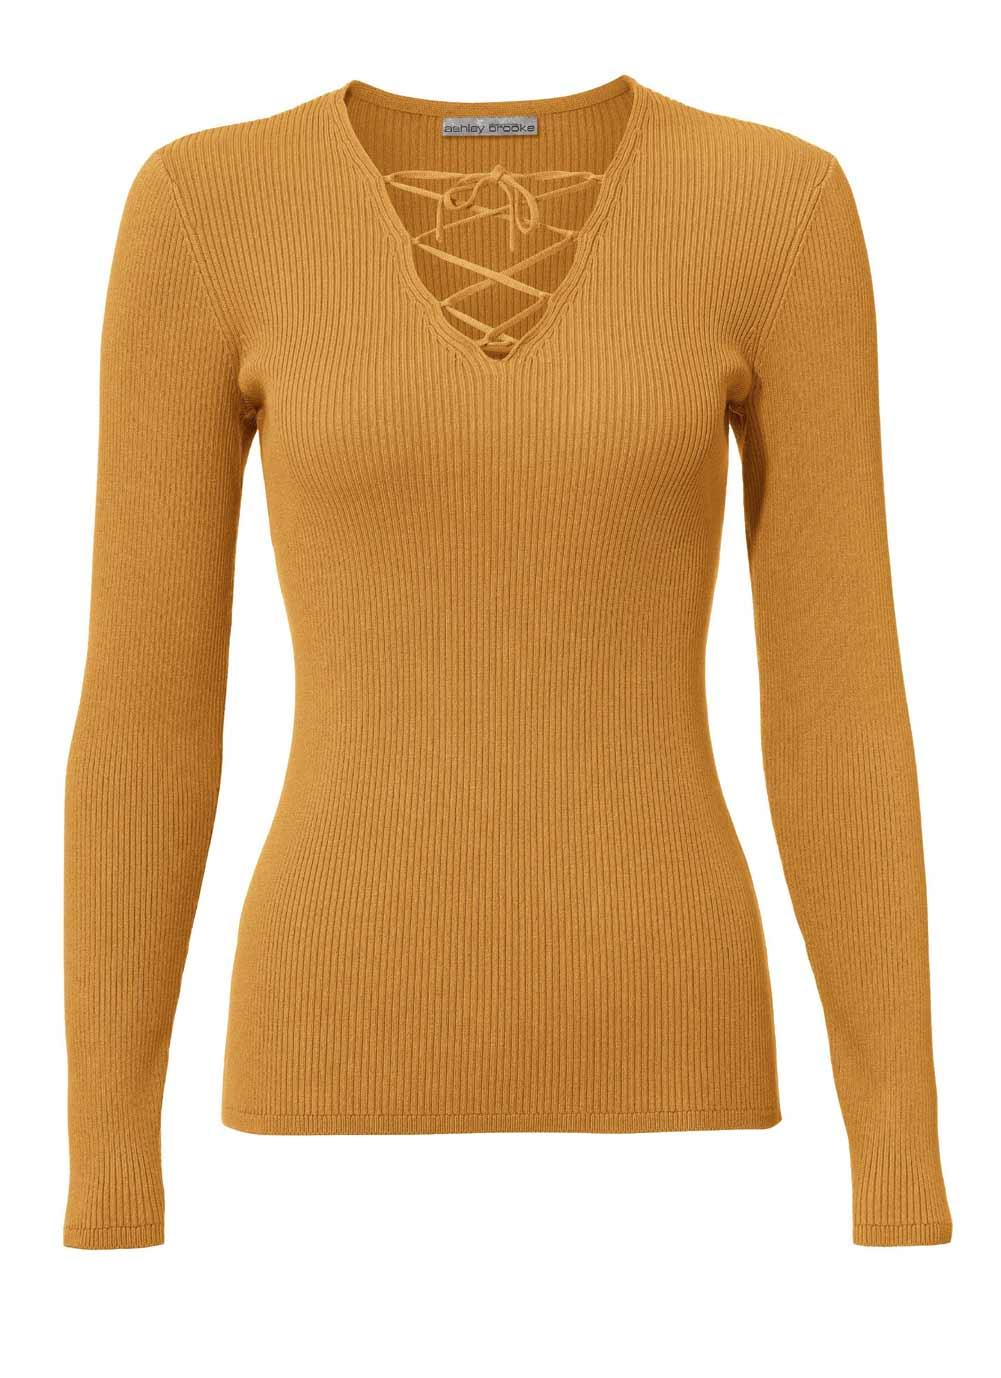 102.543 ASHLEY BROOKE Damen Designer-Rippenpullover Gelb